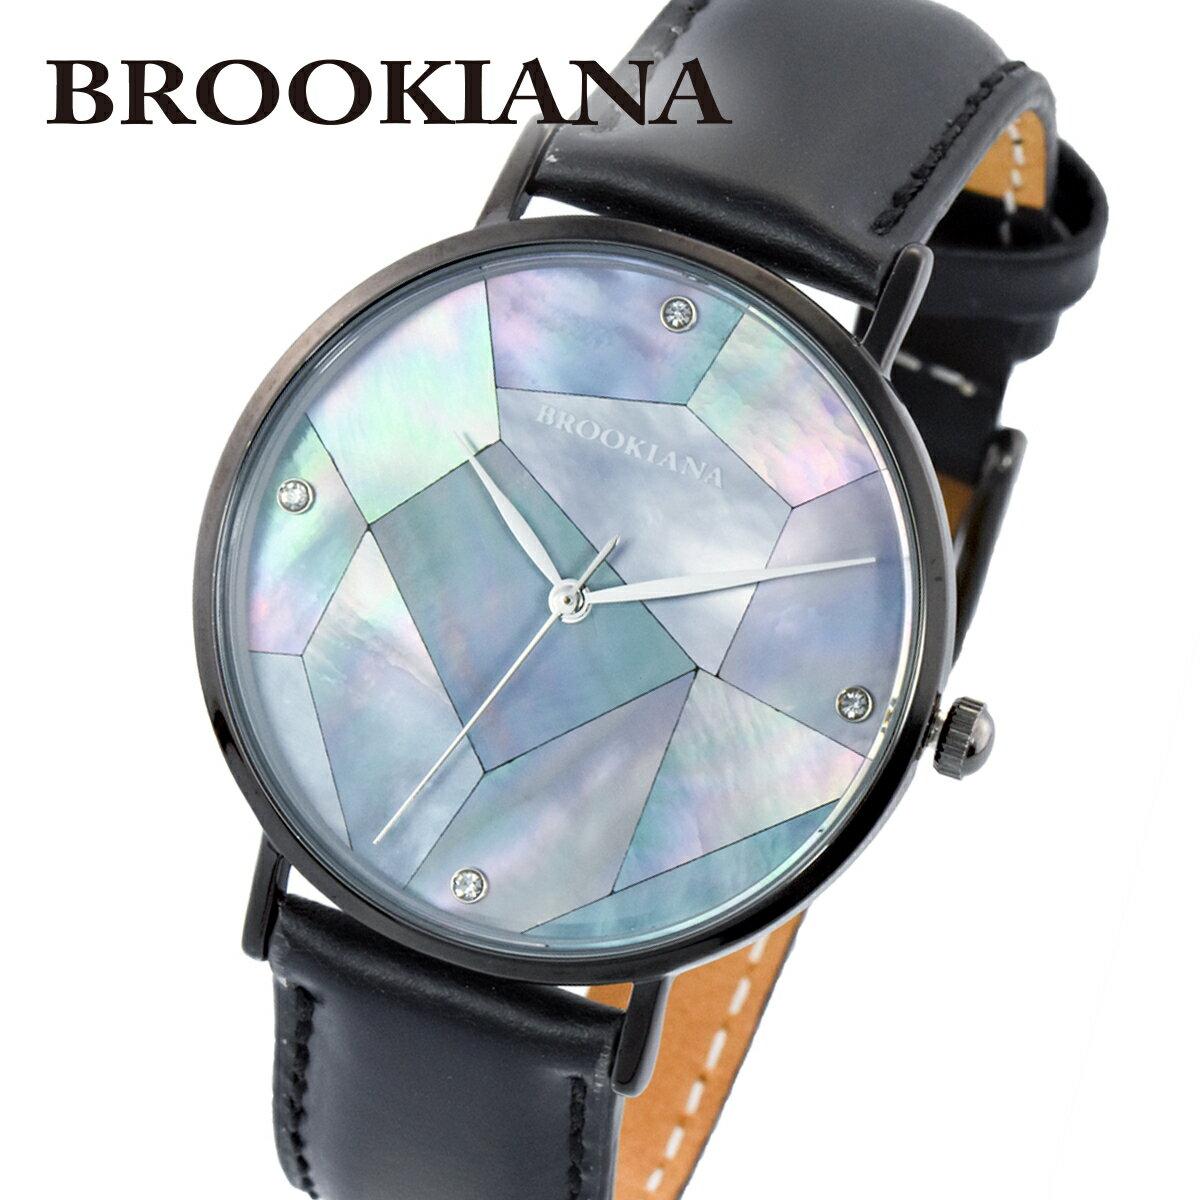 ブルッキアーナ BROOKIANA ROUND SLIM PEARL BA3101-BPBLBK メンズ 時計 腕時計 クオーツ